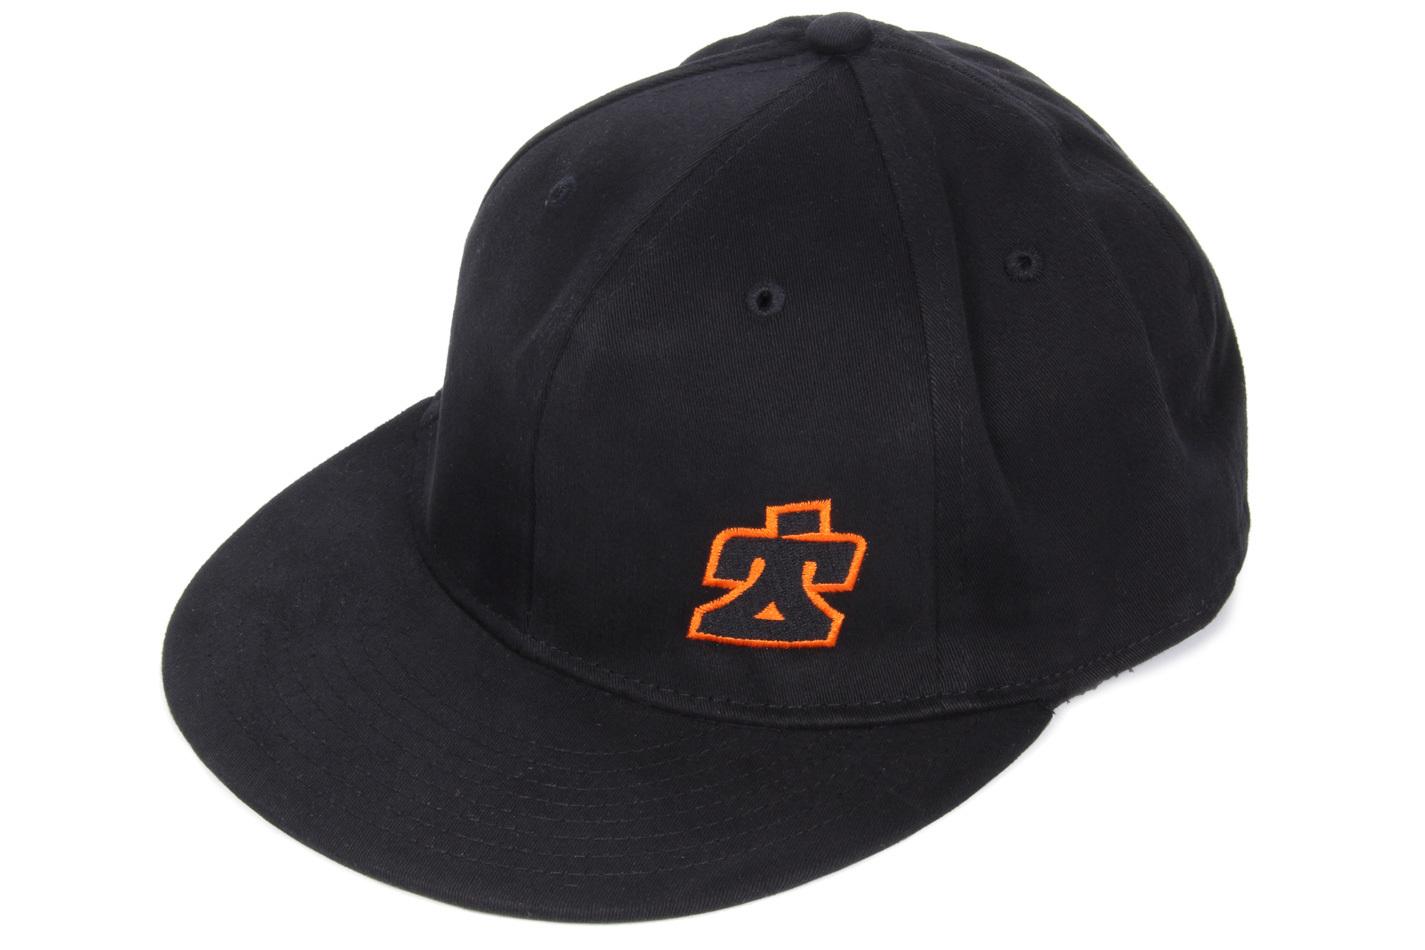 Ti22 Performance Ti22 Flat Bill Hat Black Fitted Small/Medium